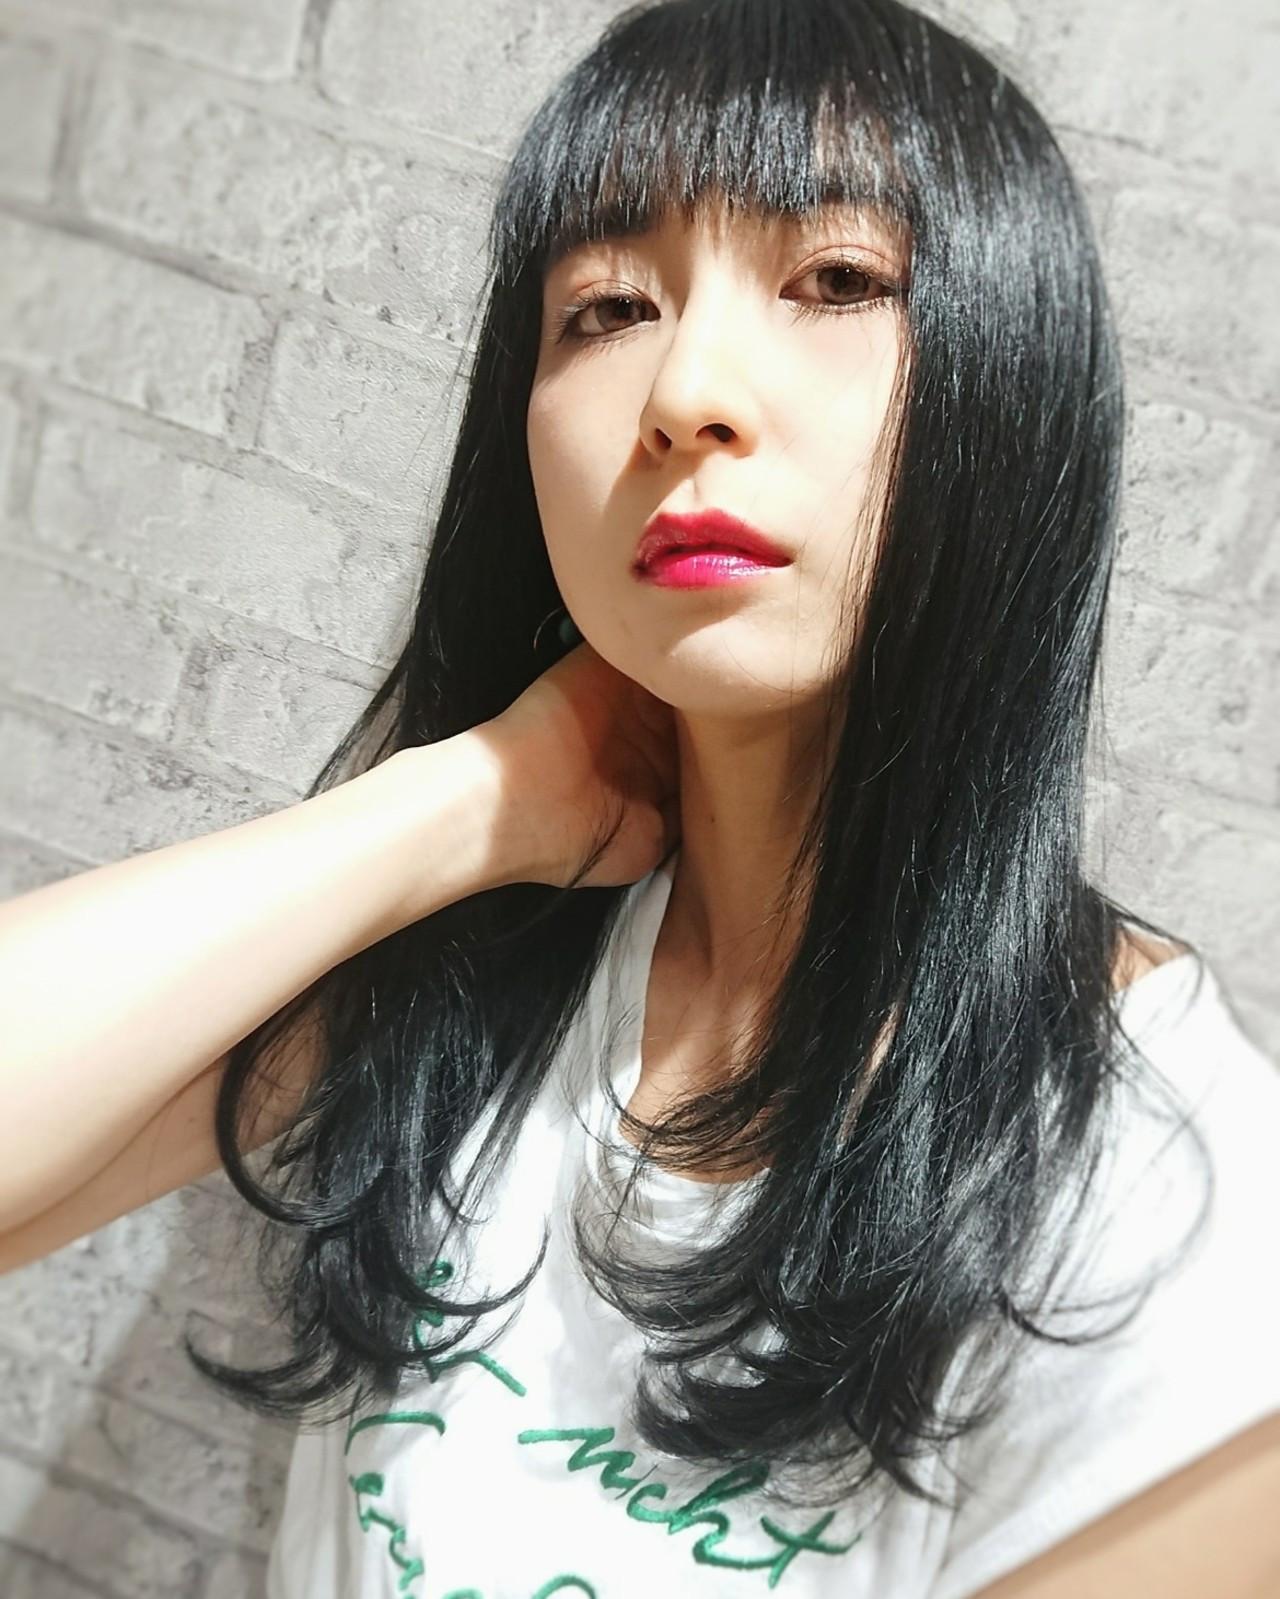 ハイクラスの黒髪ヘア♡一番目だって! 秋山幸太